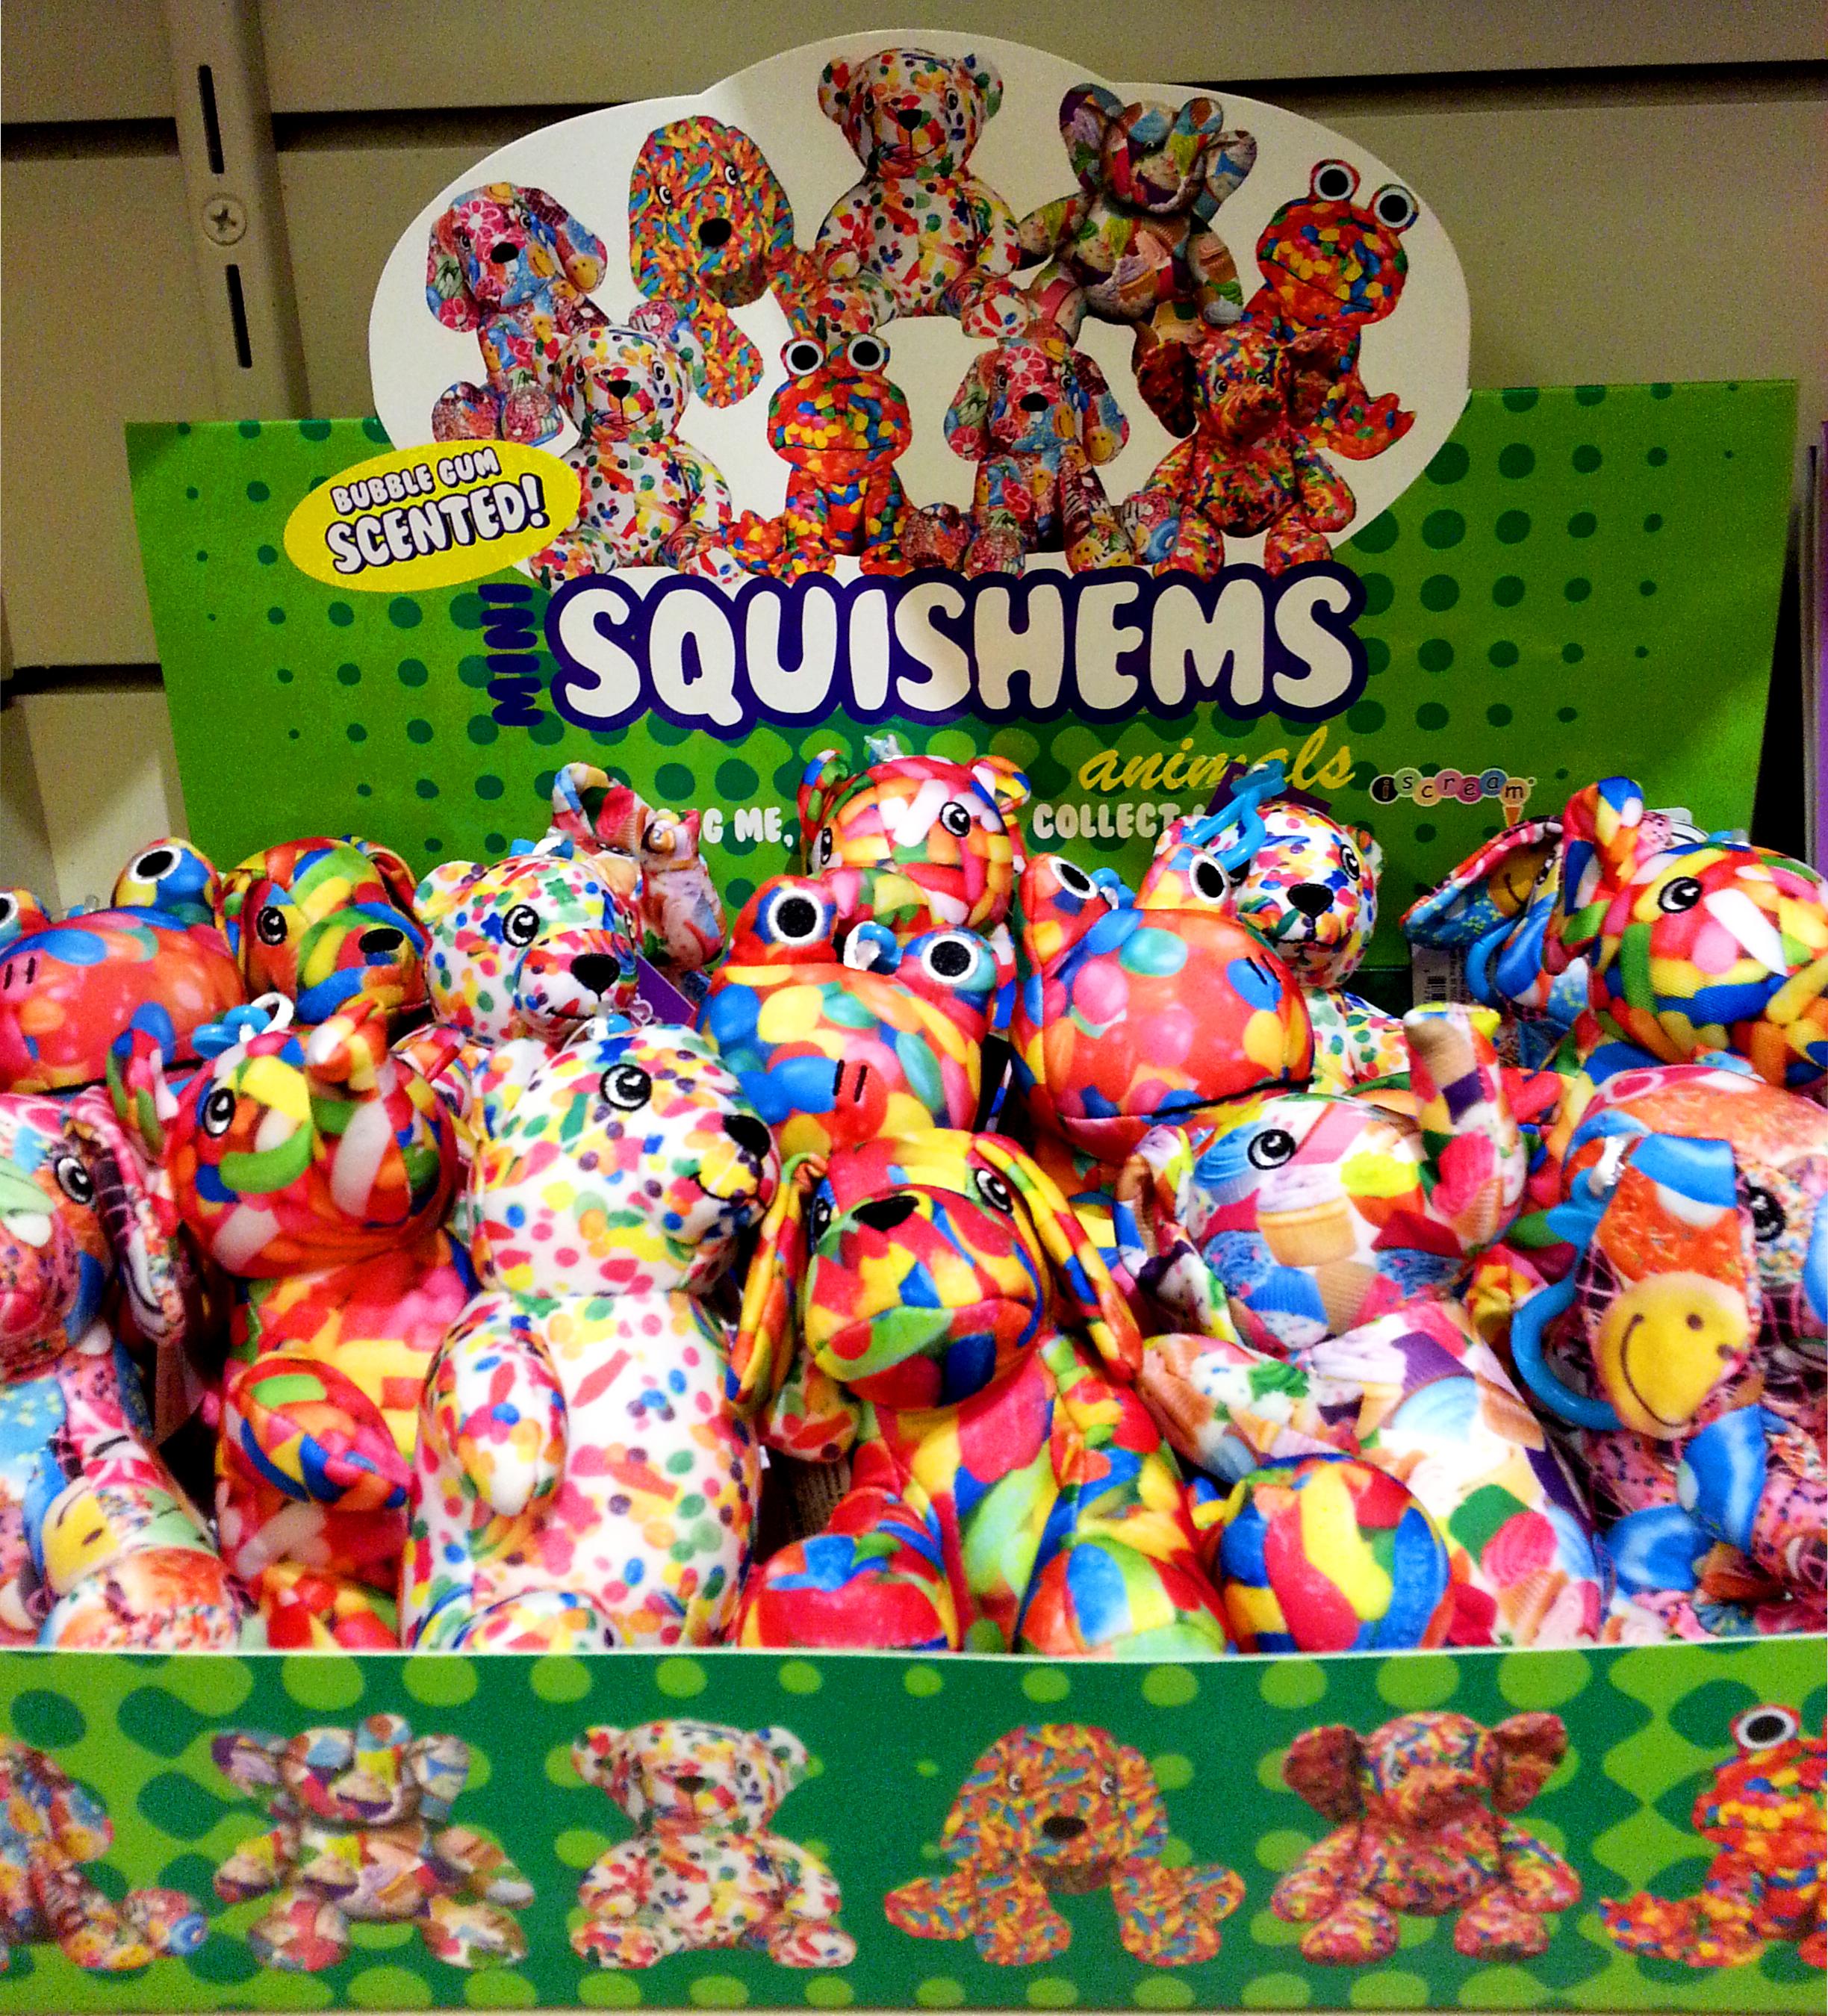 squishems